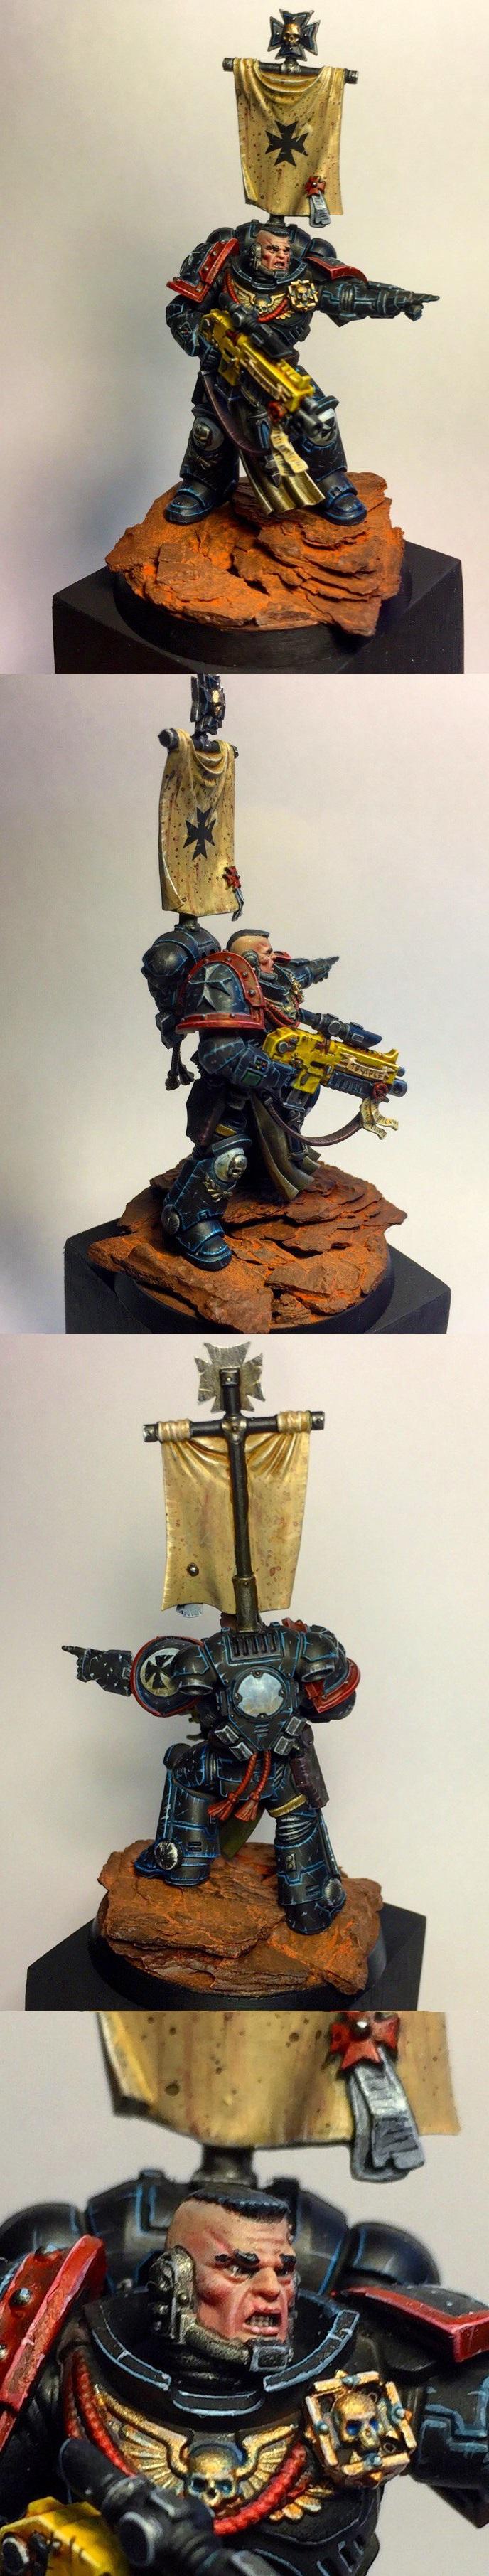 Primaris Space Marine Black Templars Captain